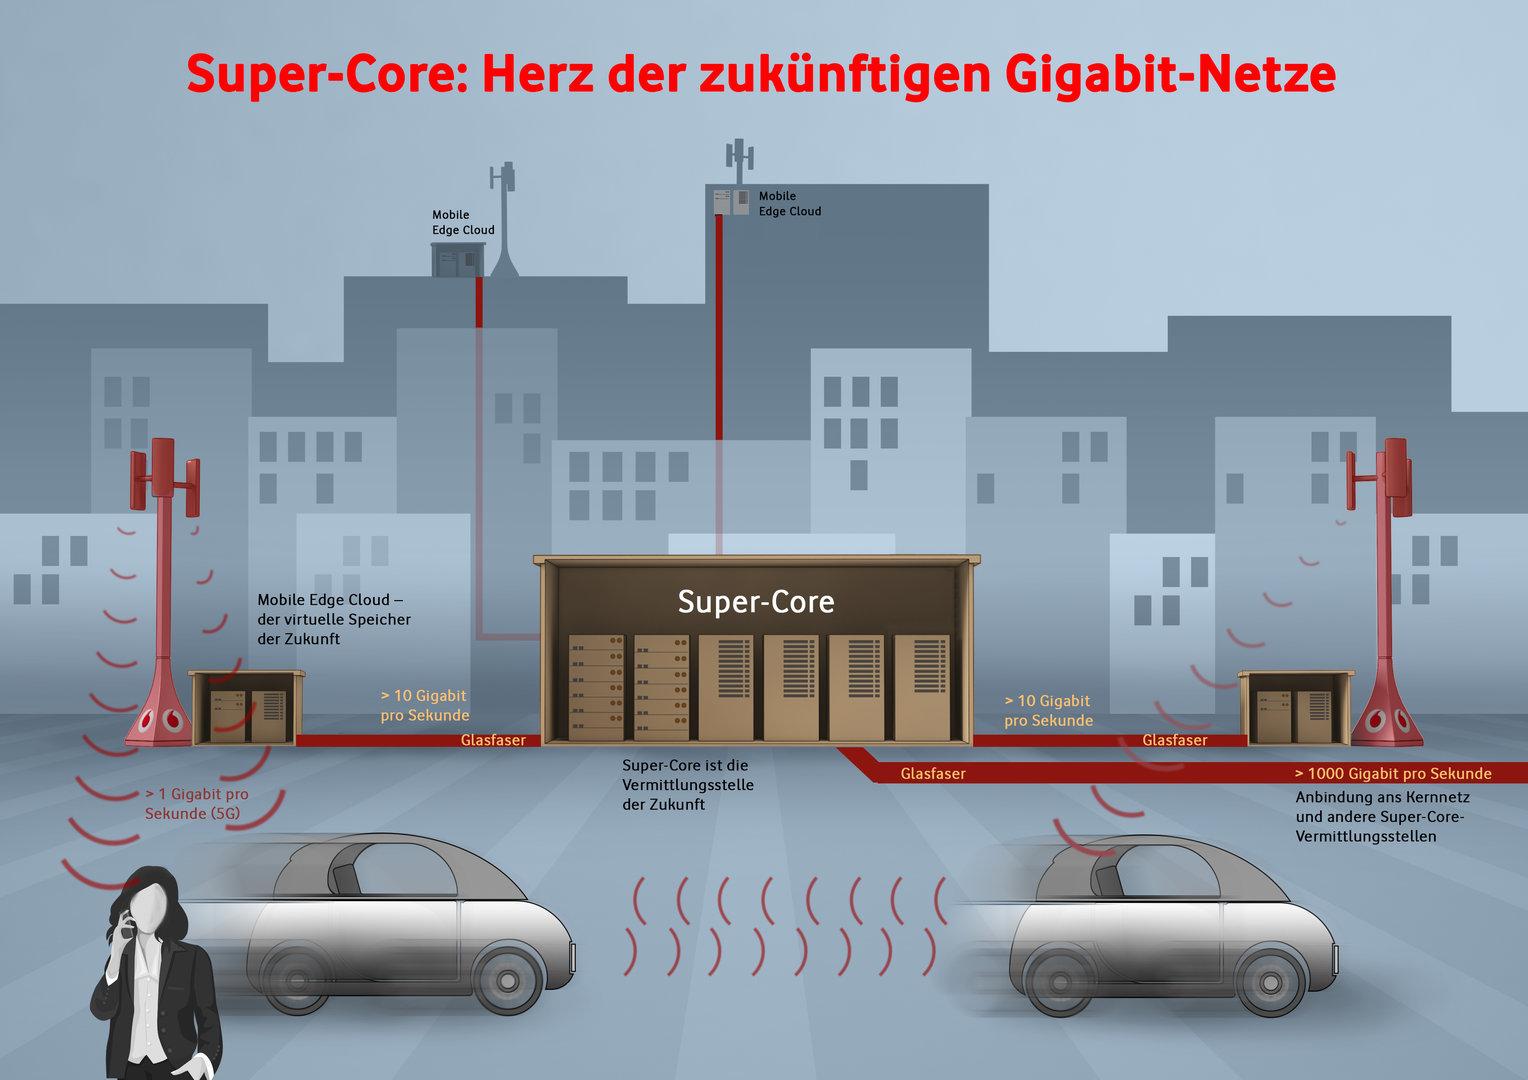 Super-Core – Herz der zukünftigen Gigabit-Netze